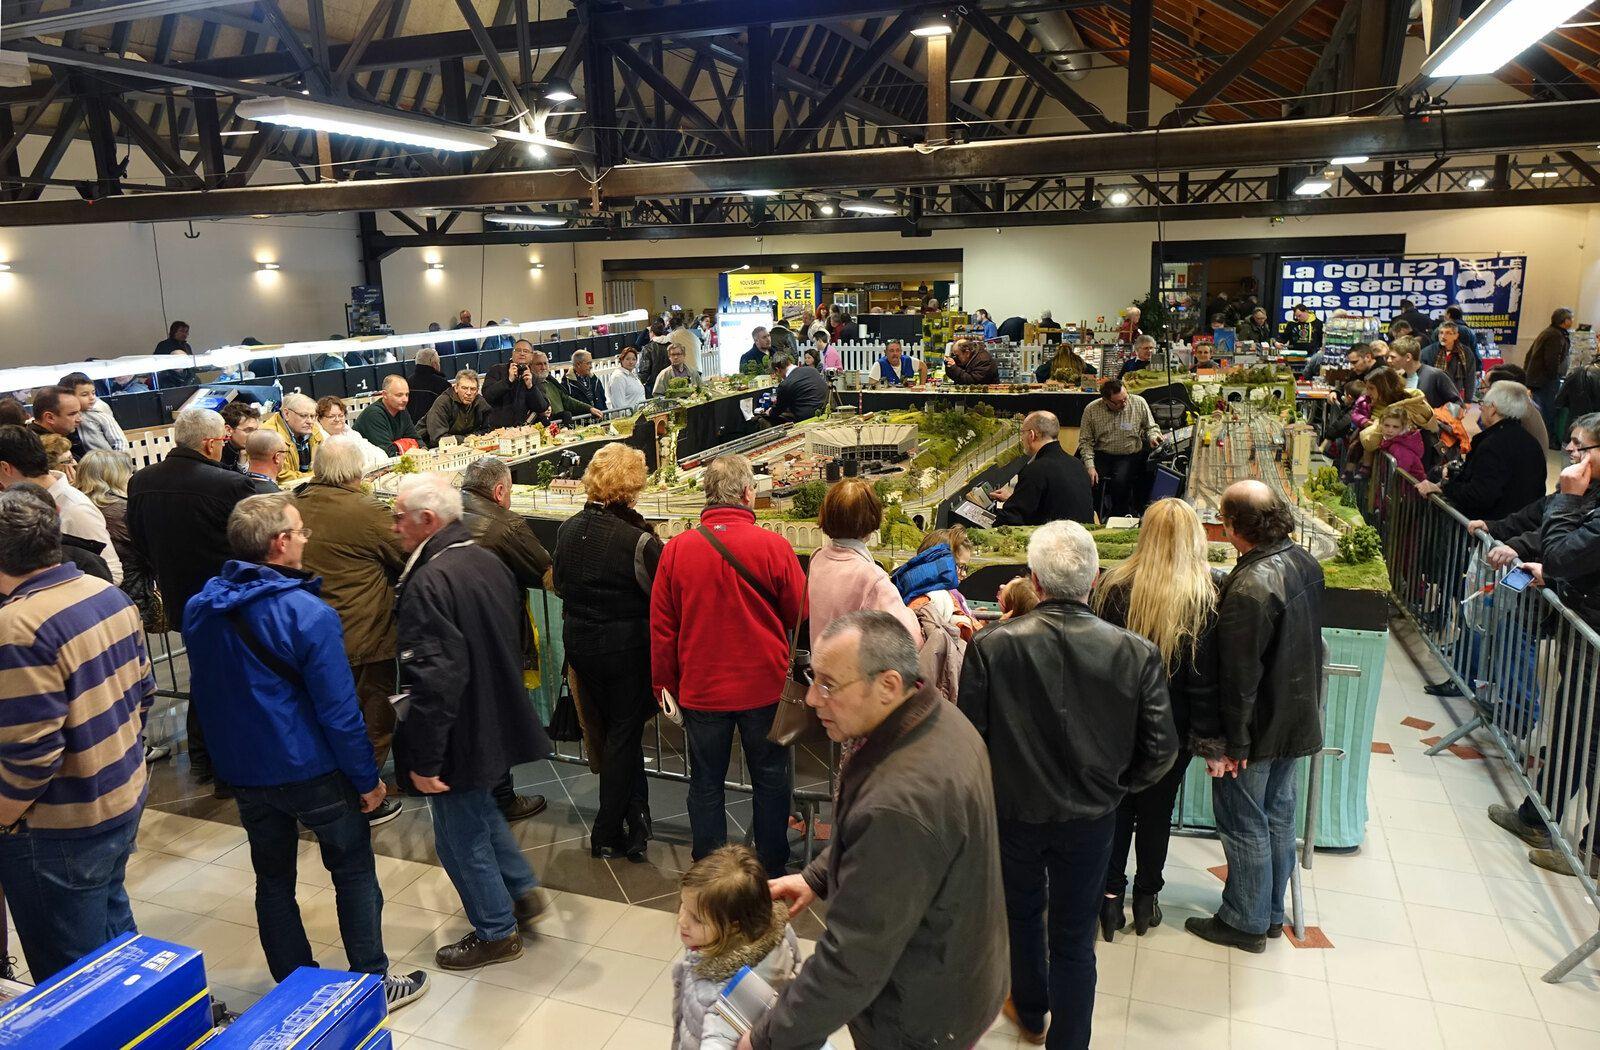 Le public était nombreux autour du réseau de l'AMFR lors de l'expo 2016 à Romilly-sur-Seine.